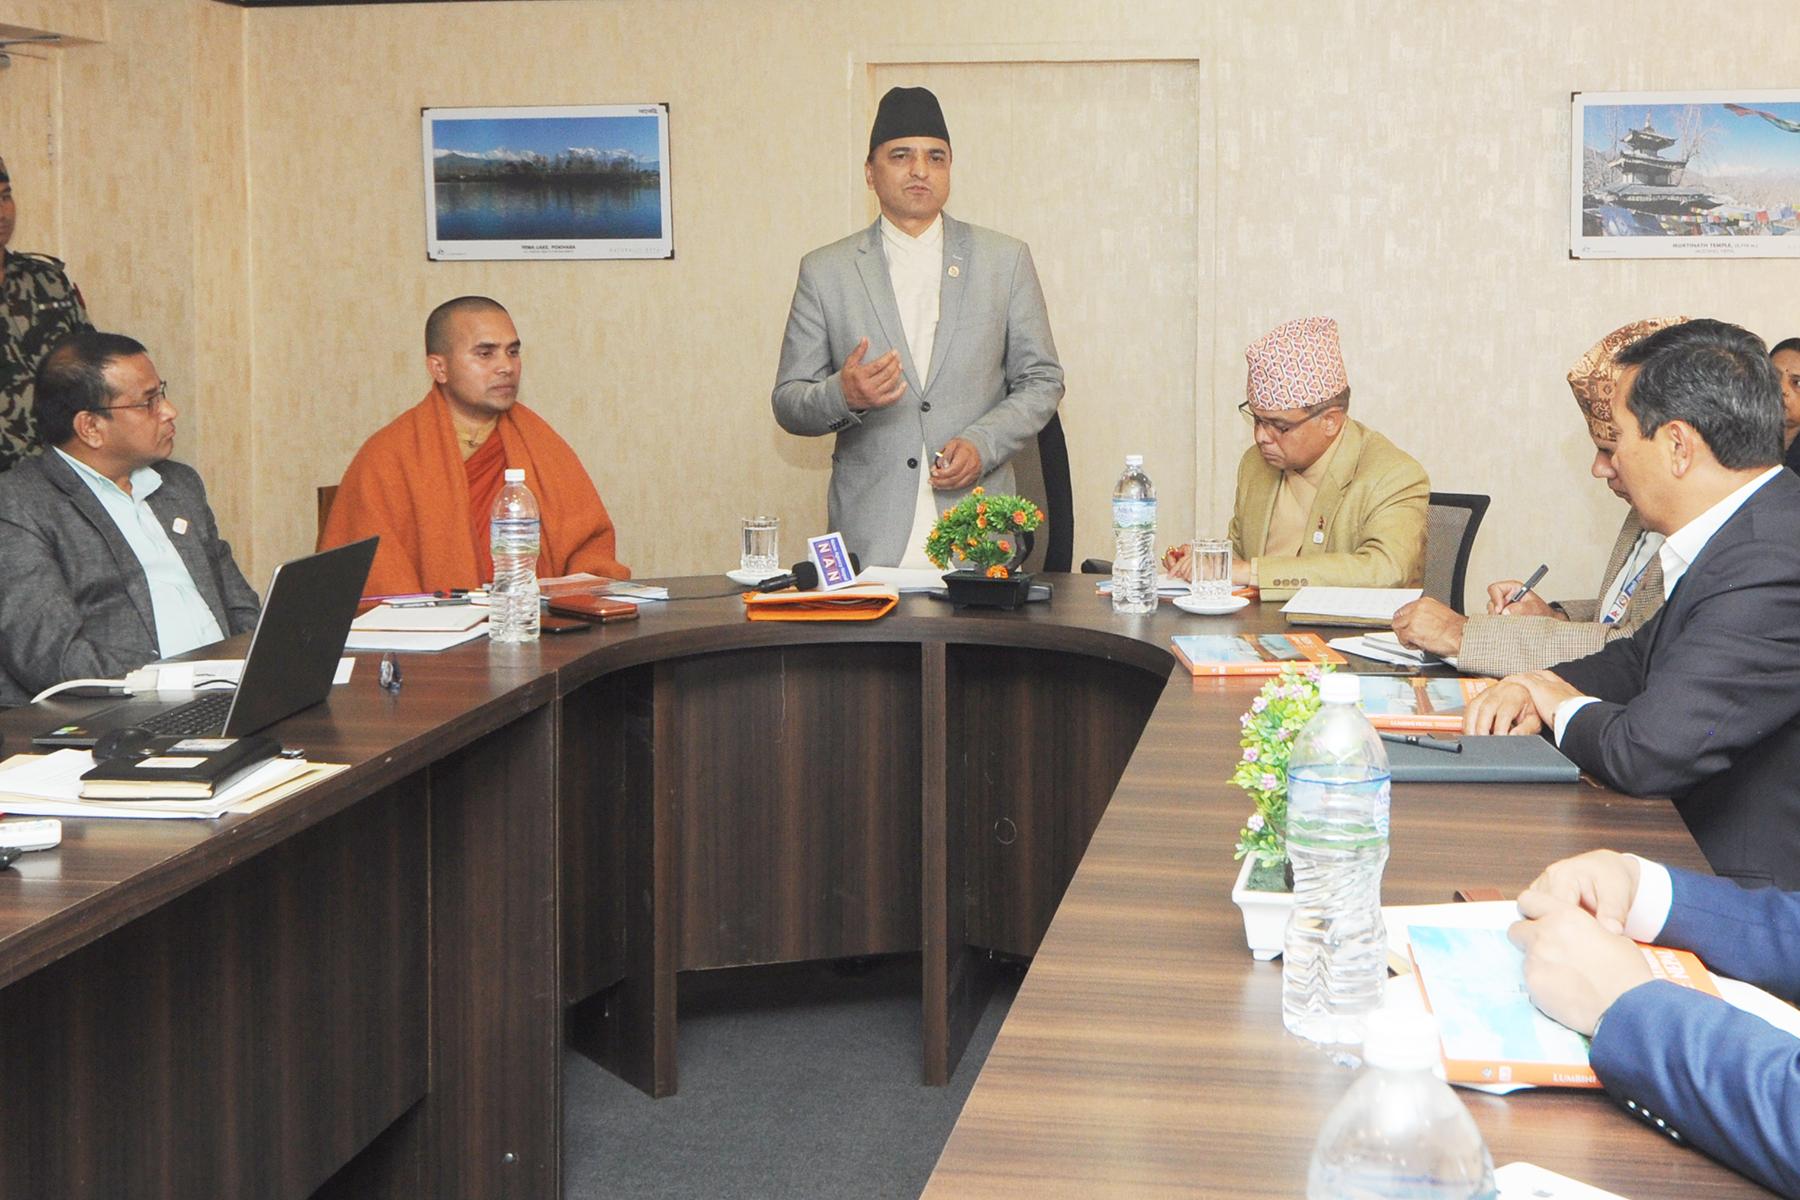 मा.संस्कृति, प तथा ना. उ. मन्त्रीज्यूको अध्यक्षतामा भएको लुम्बिनी विकास परिषद् बैठकका  तस्वीर- (२०७६-११-२८)